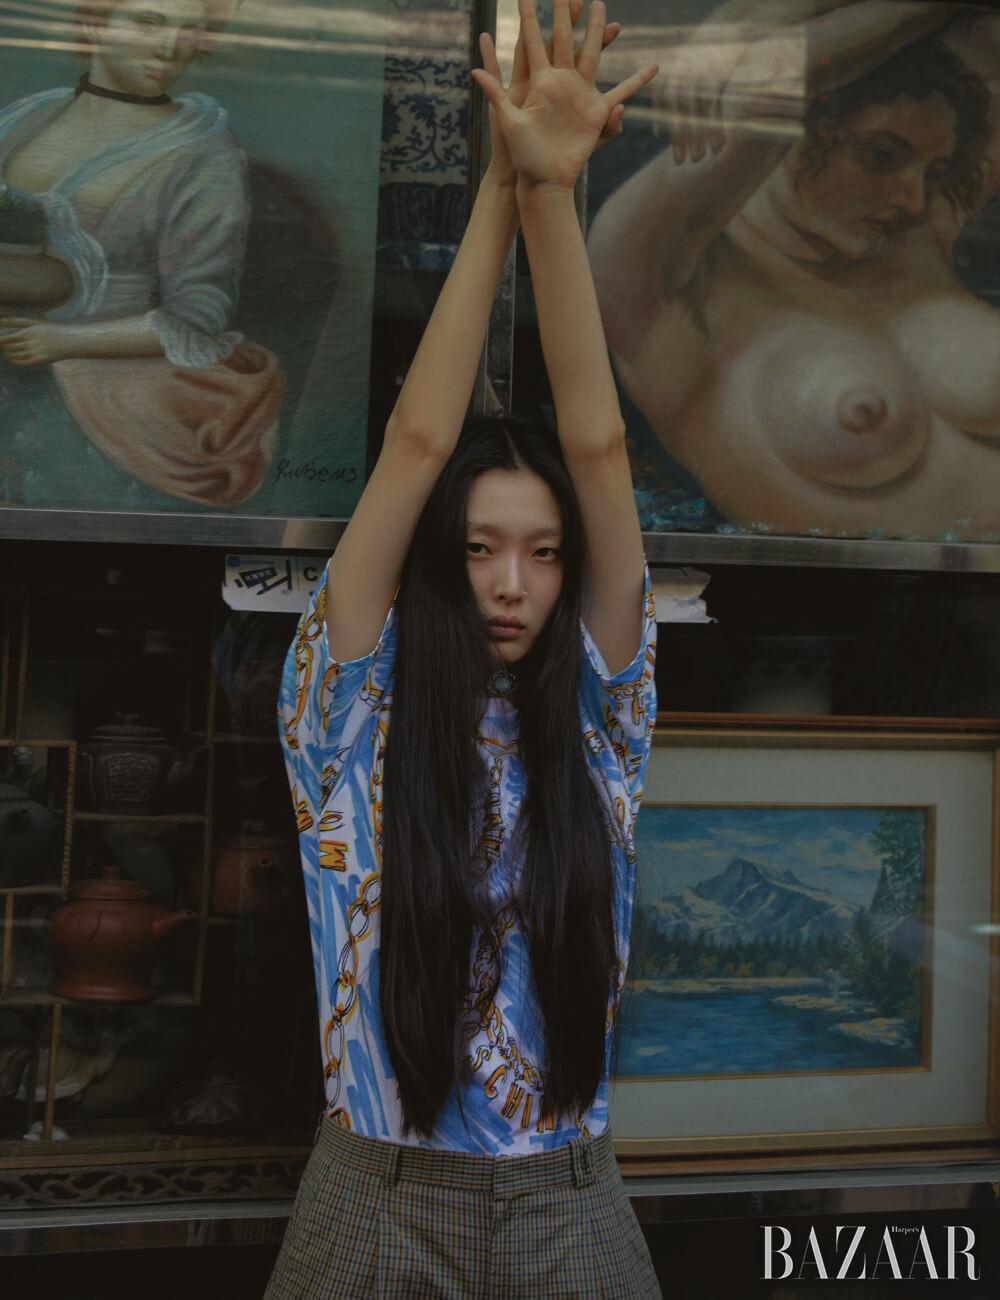 톱은 40만원 Moschino, 빈티지 팬츠, 목에 두른 스카프, 브로치는 모두Dongmyo Flea Market.